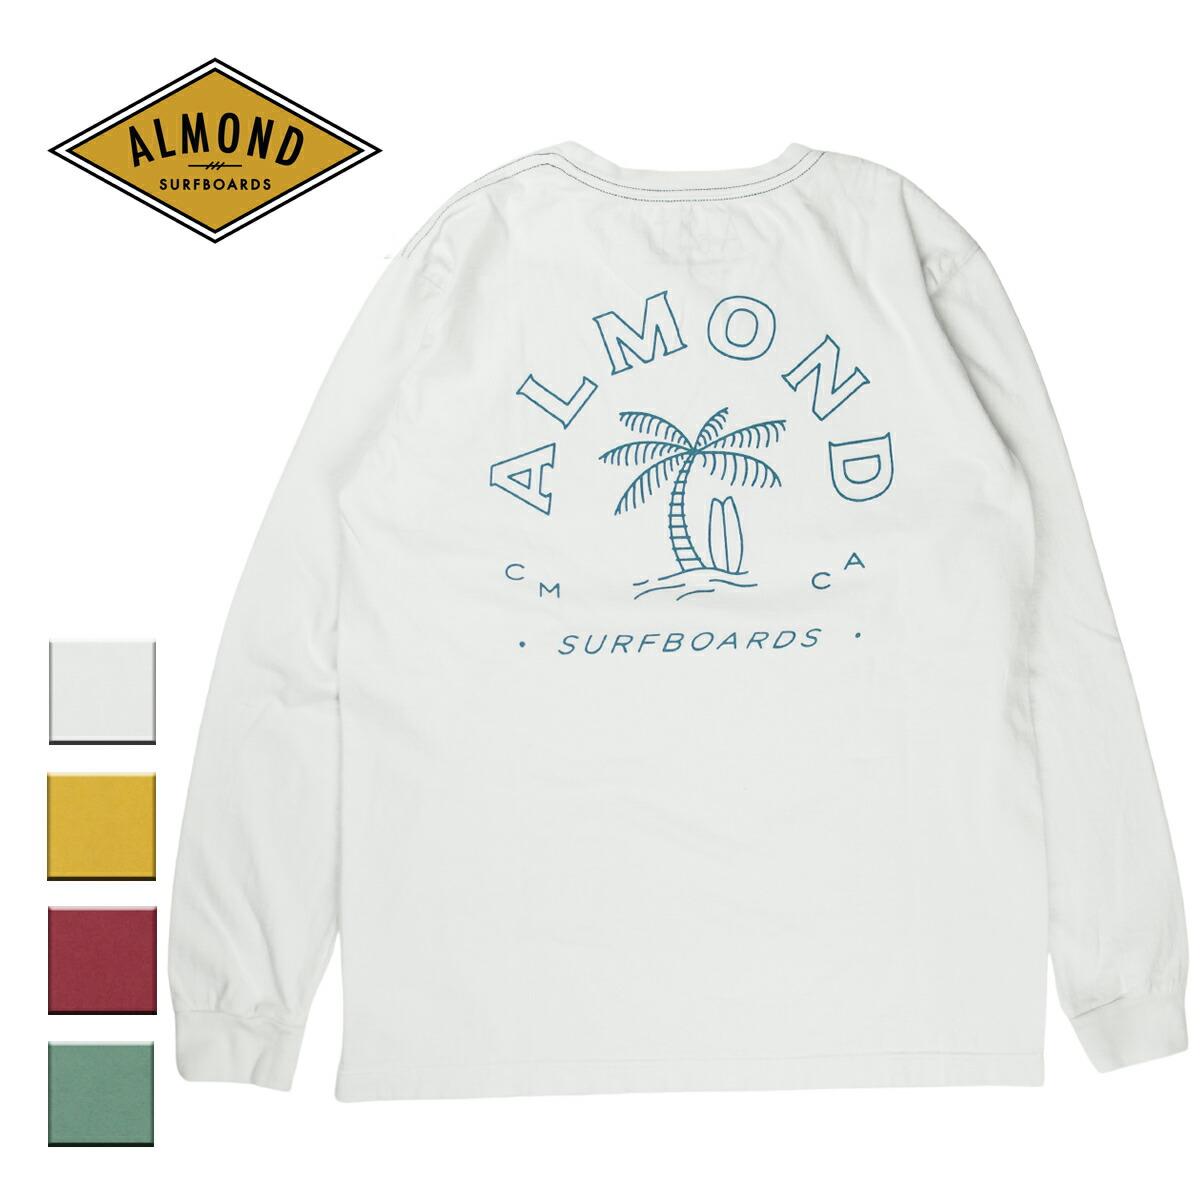 Almond Surf アーモンドサーフボードデザイン PARADISE L/S TEE